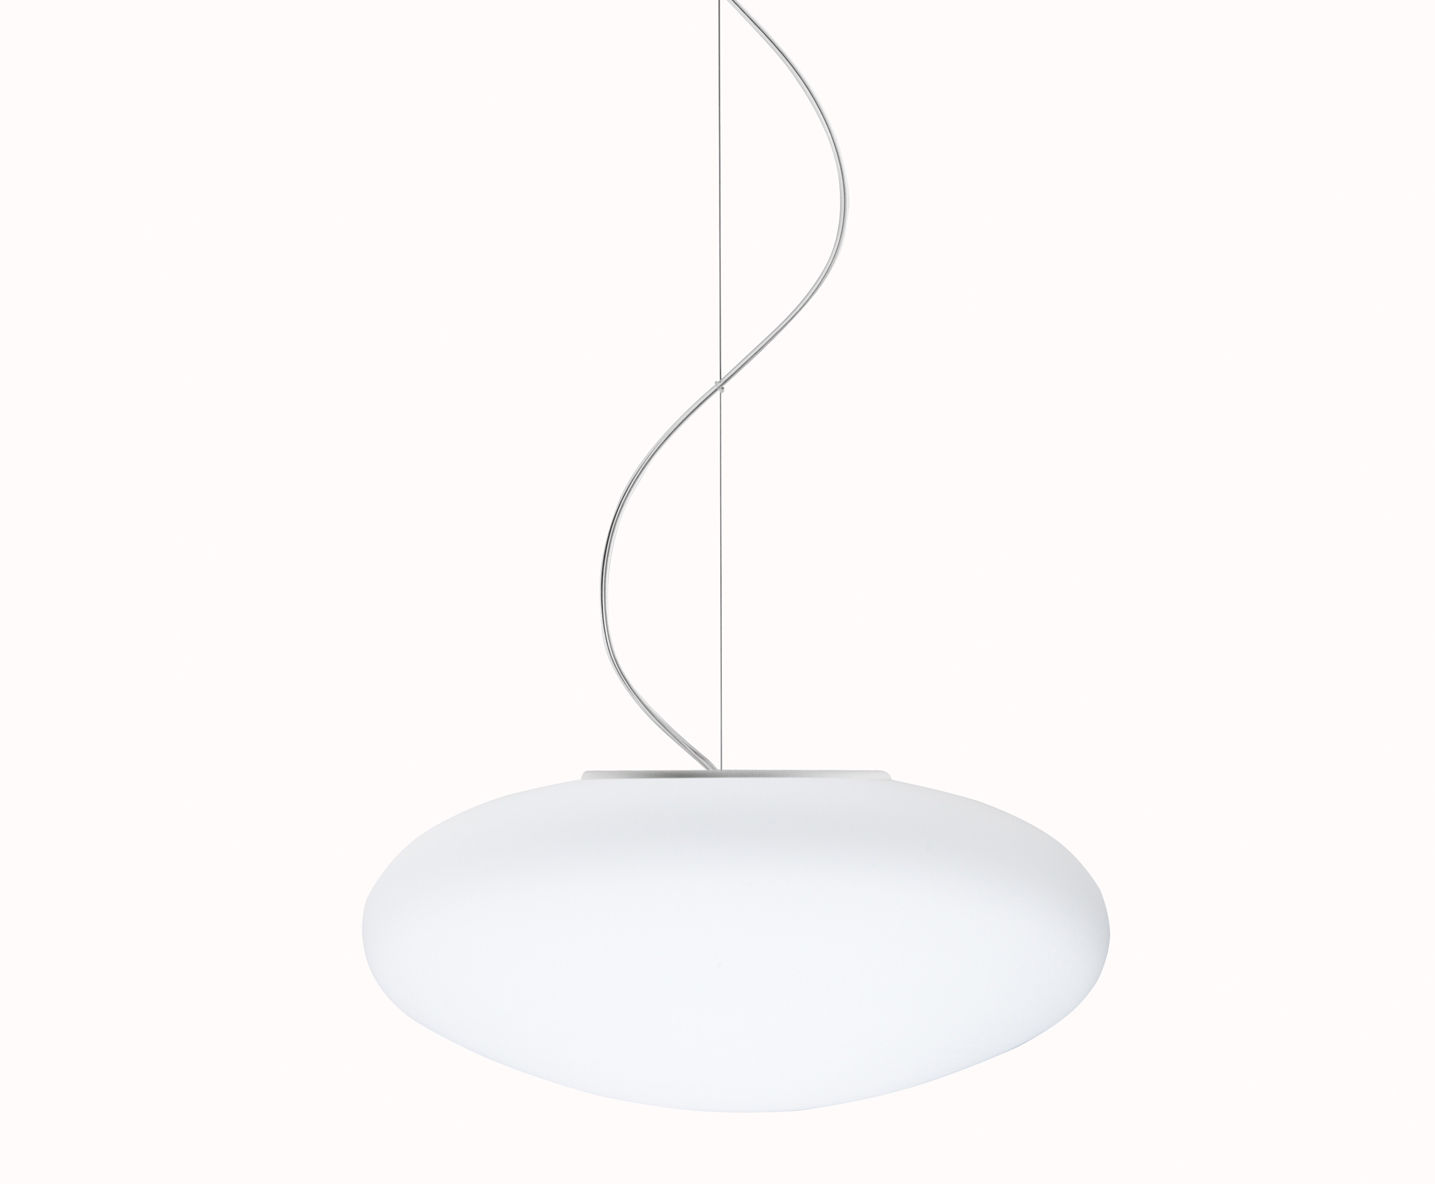 Leuchten - Pendelleuchten - White Pendelleuchte Ø 42 cm - Fabbian - Weiß - Ø 42 cm - Glas